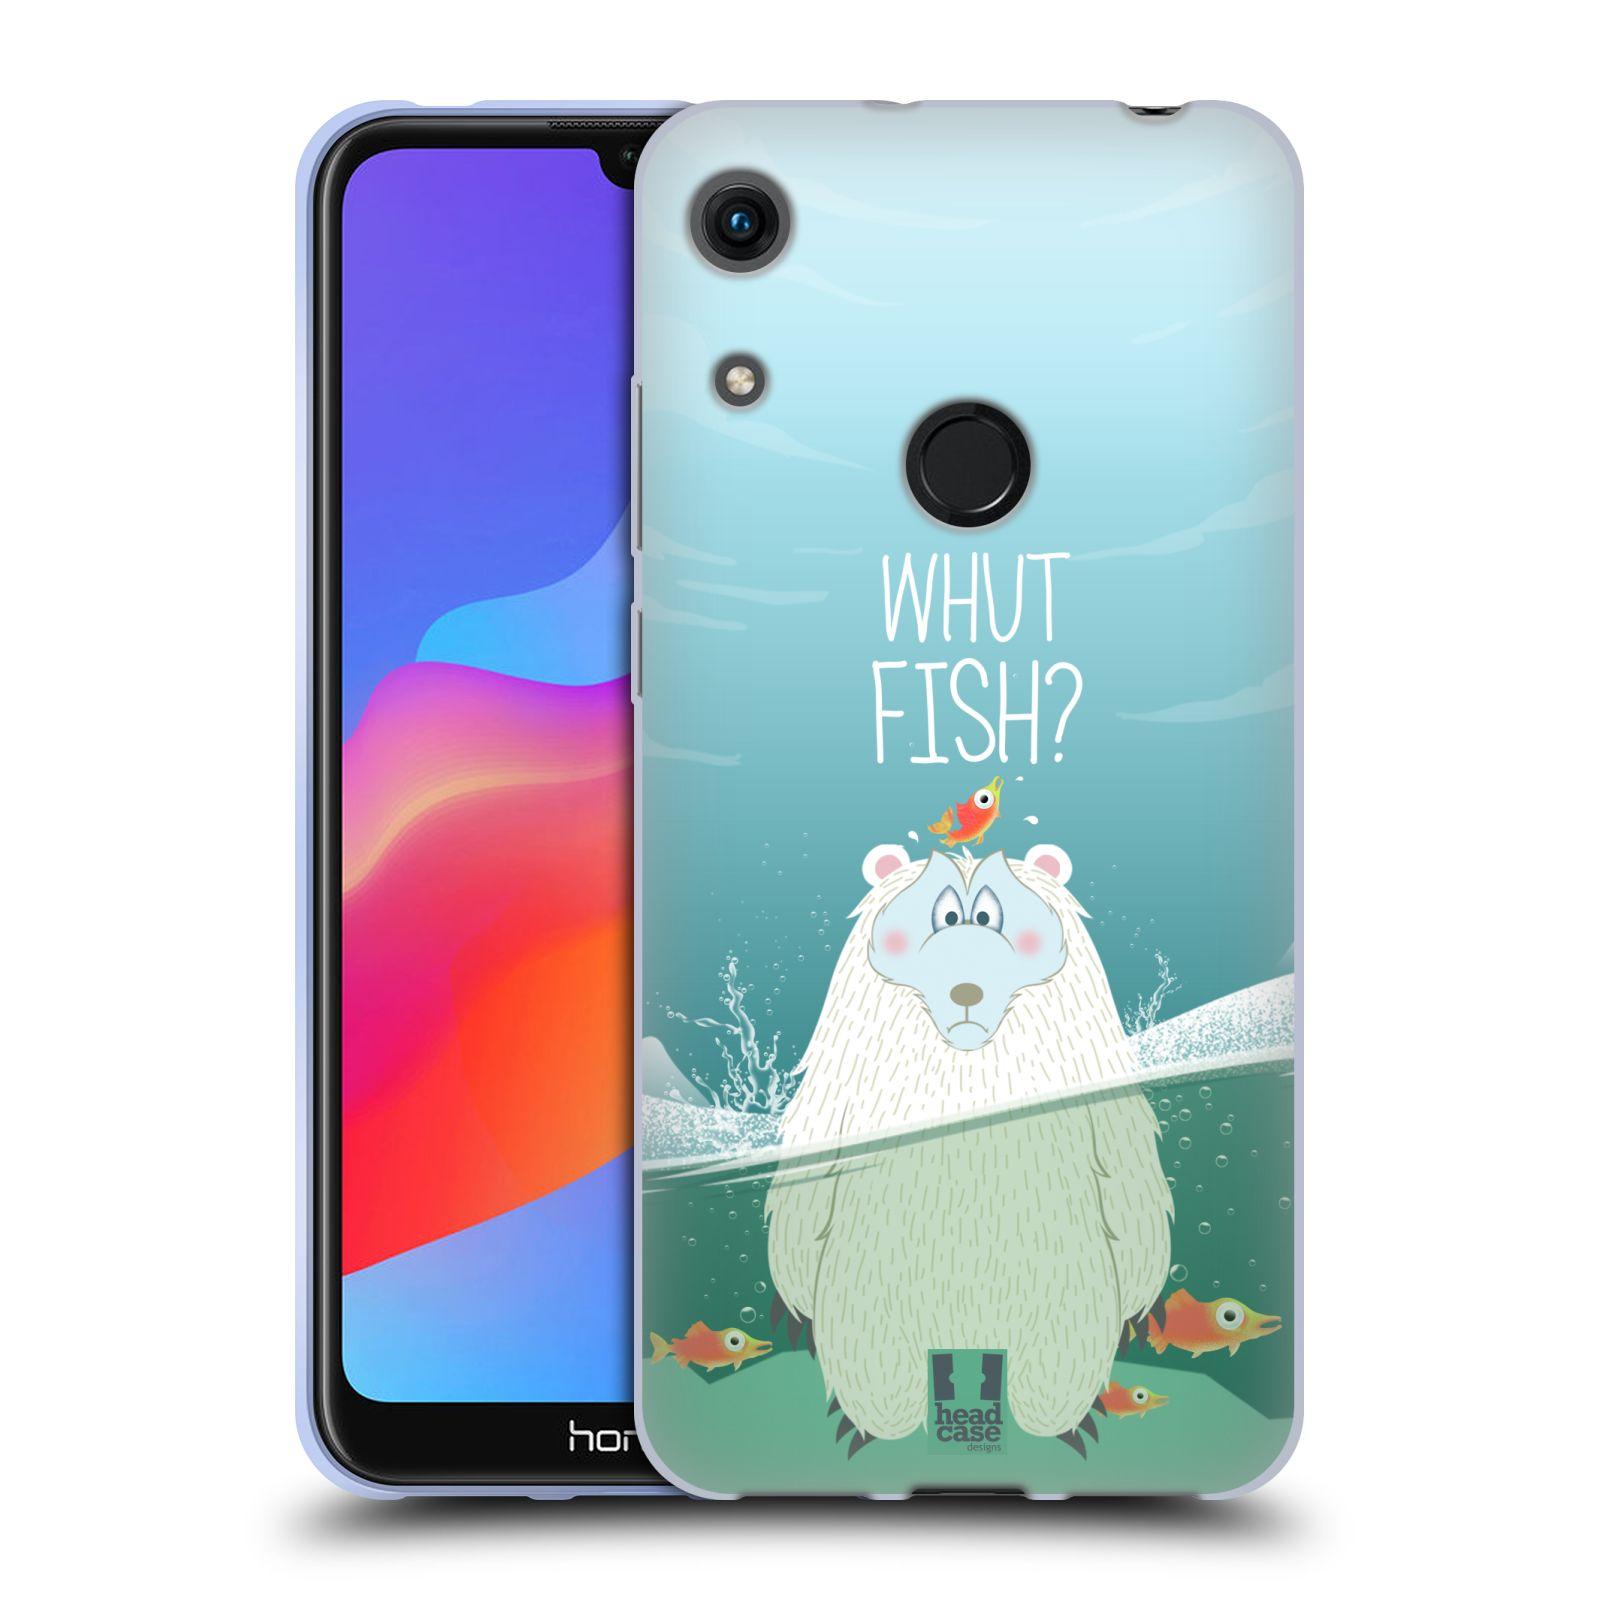 Silikonové pouzdro na mobil Honor 8A - Head Case - Medvěd Whut Fish?